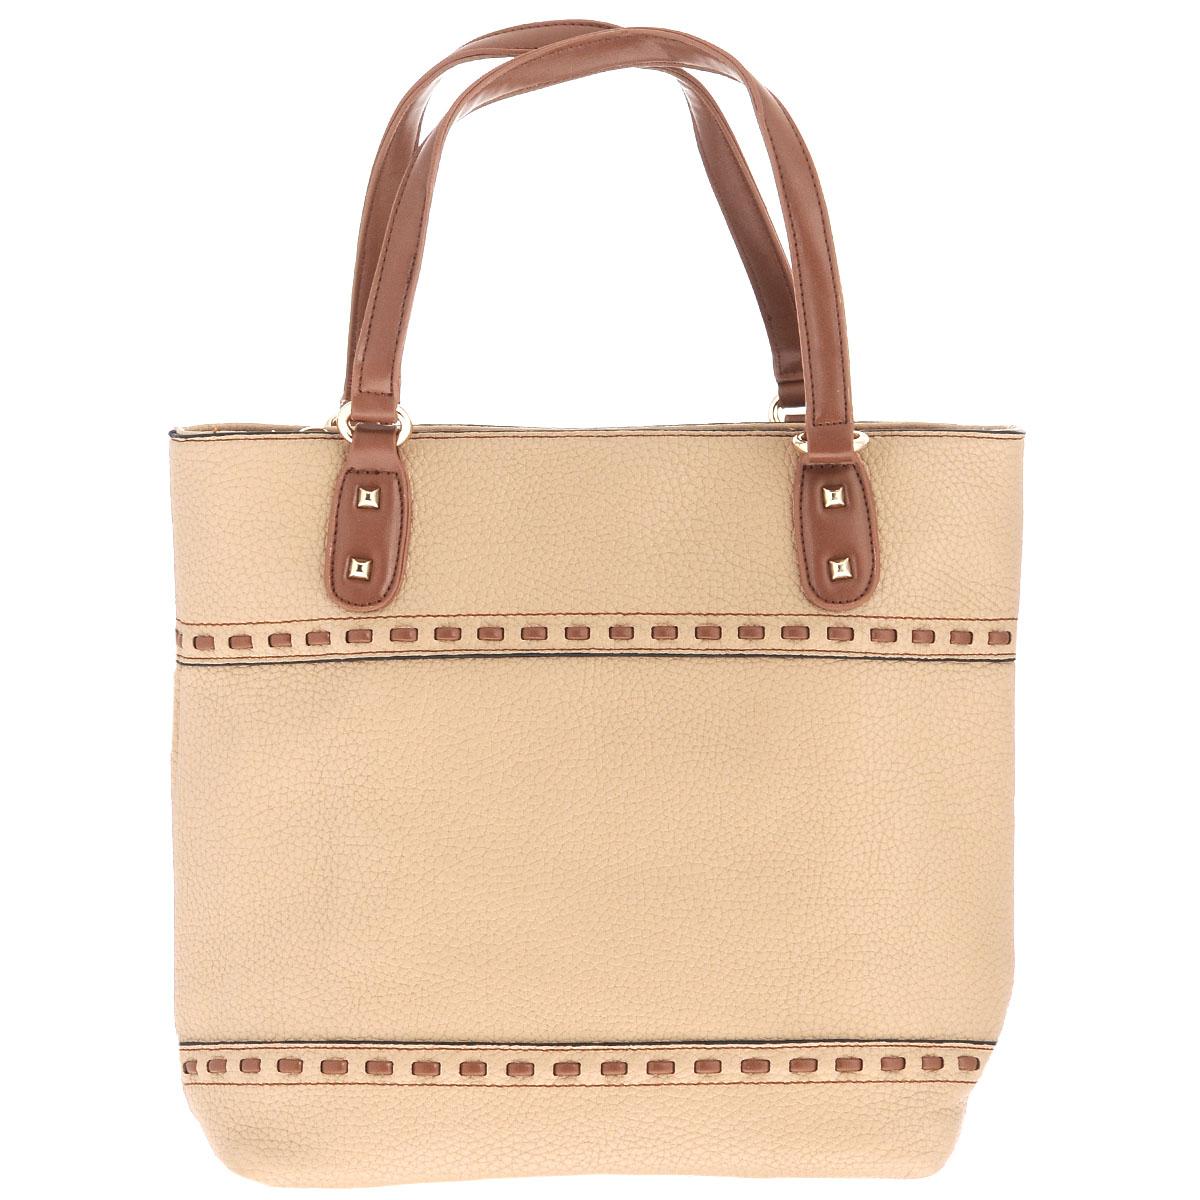 Сумка женская Fancys Bag, цвет: бежевый, коричневый. SP-616-61SP-616-61Стильная женская сумка Fancys Bag выполнена из экокожи и оформлена с обеих сторон декоративной прострочкой. Ручки у основания дополнены металлическими шипами. Изделие закрывается на удобную застежку-молнию. Внутреннее отделение содержит небольшой смежный отсек, два врезных кармана на застежках-молниях и два накладных карманчика для мелочей. Дно оснащено ножками из металла, которые защищают сумку от повреждений. К изделию прилагается фирменный текстильный чехол. Изысканная сумка займет достойное место среди вашей коллекции аксессуаров и подчеркнет ваш безупречный вкус.